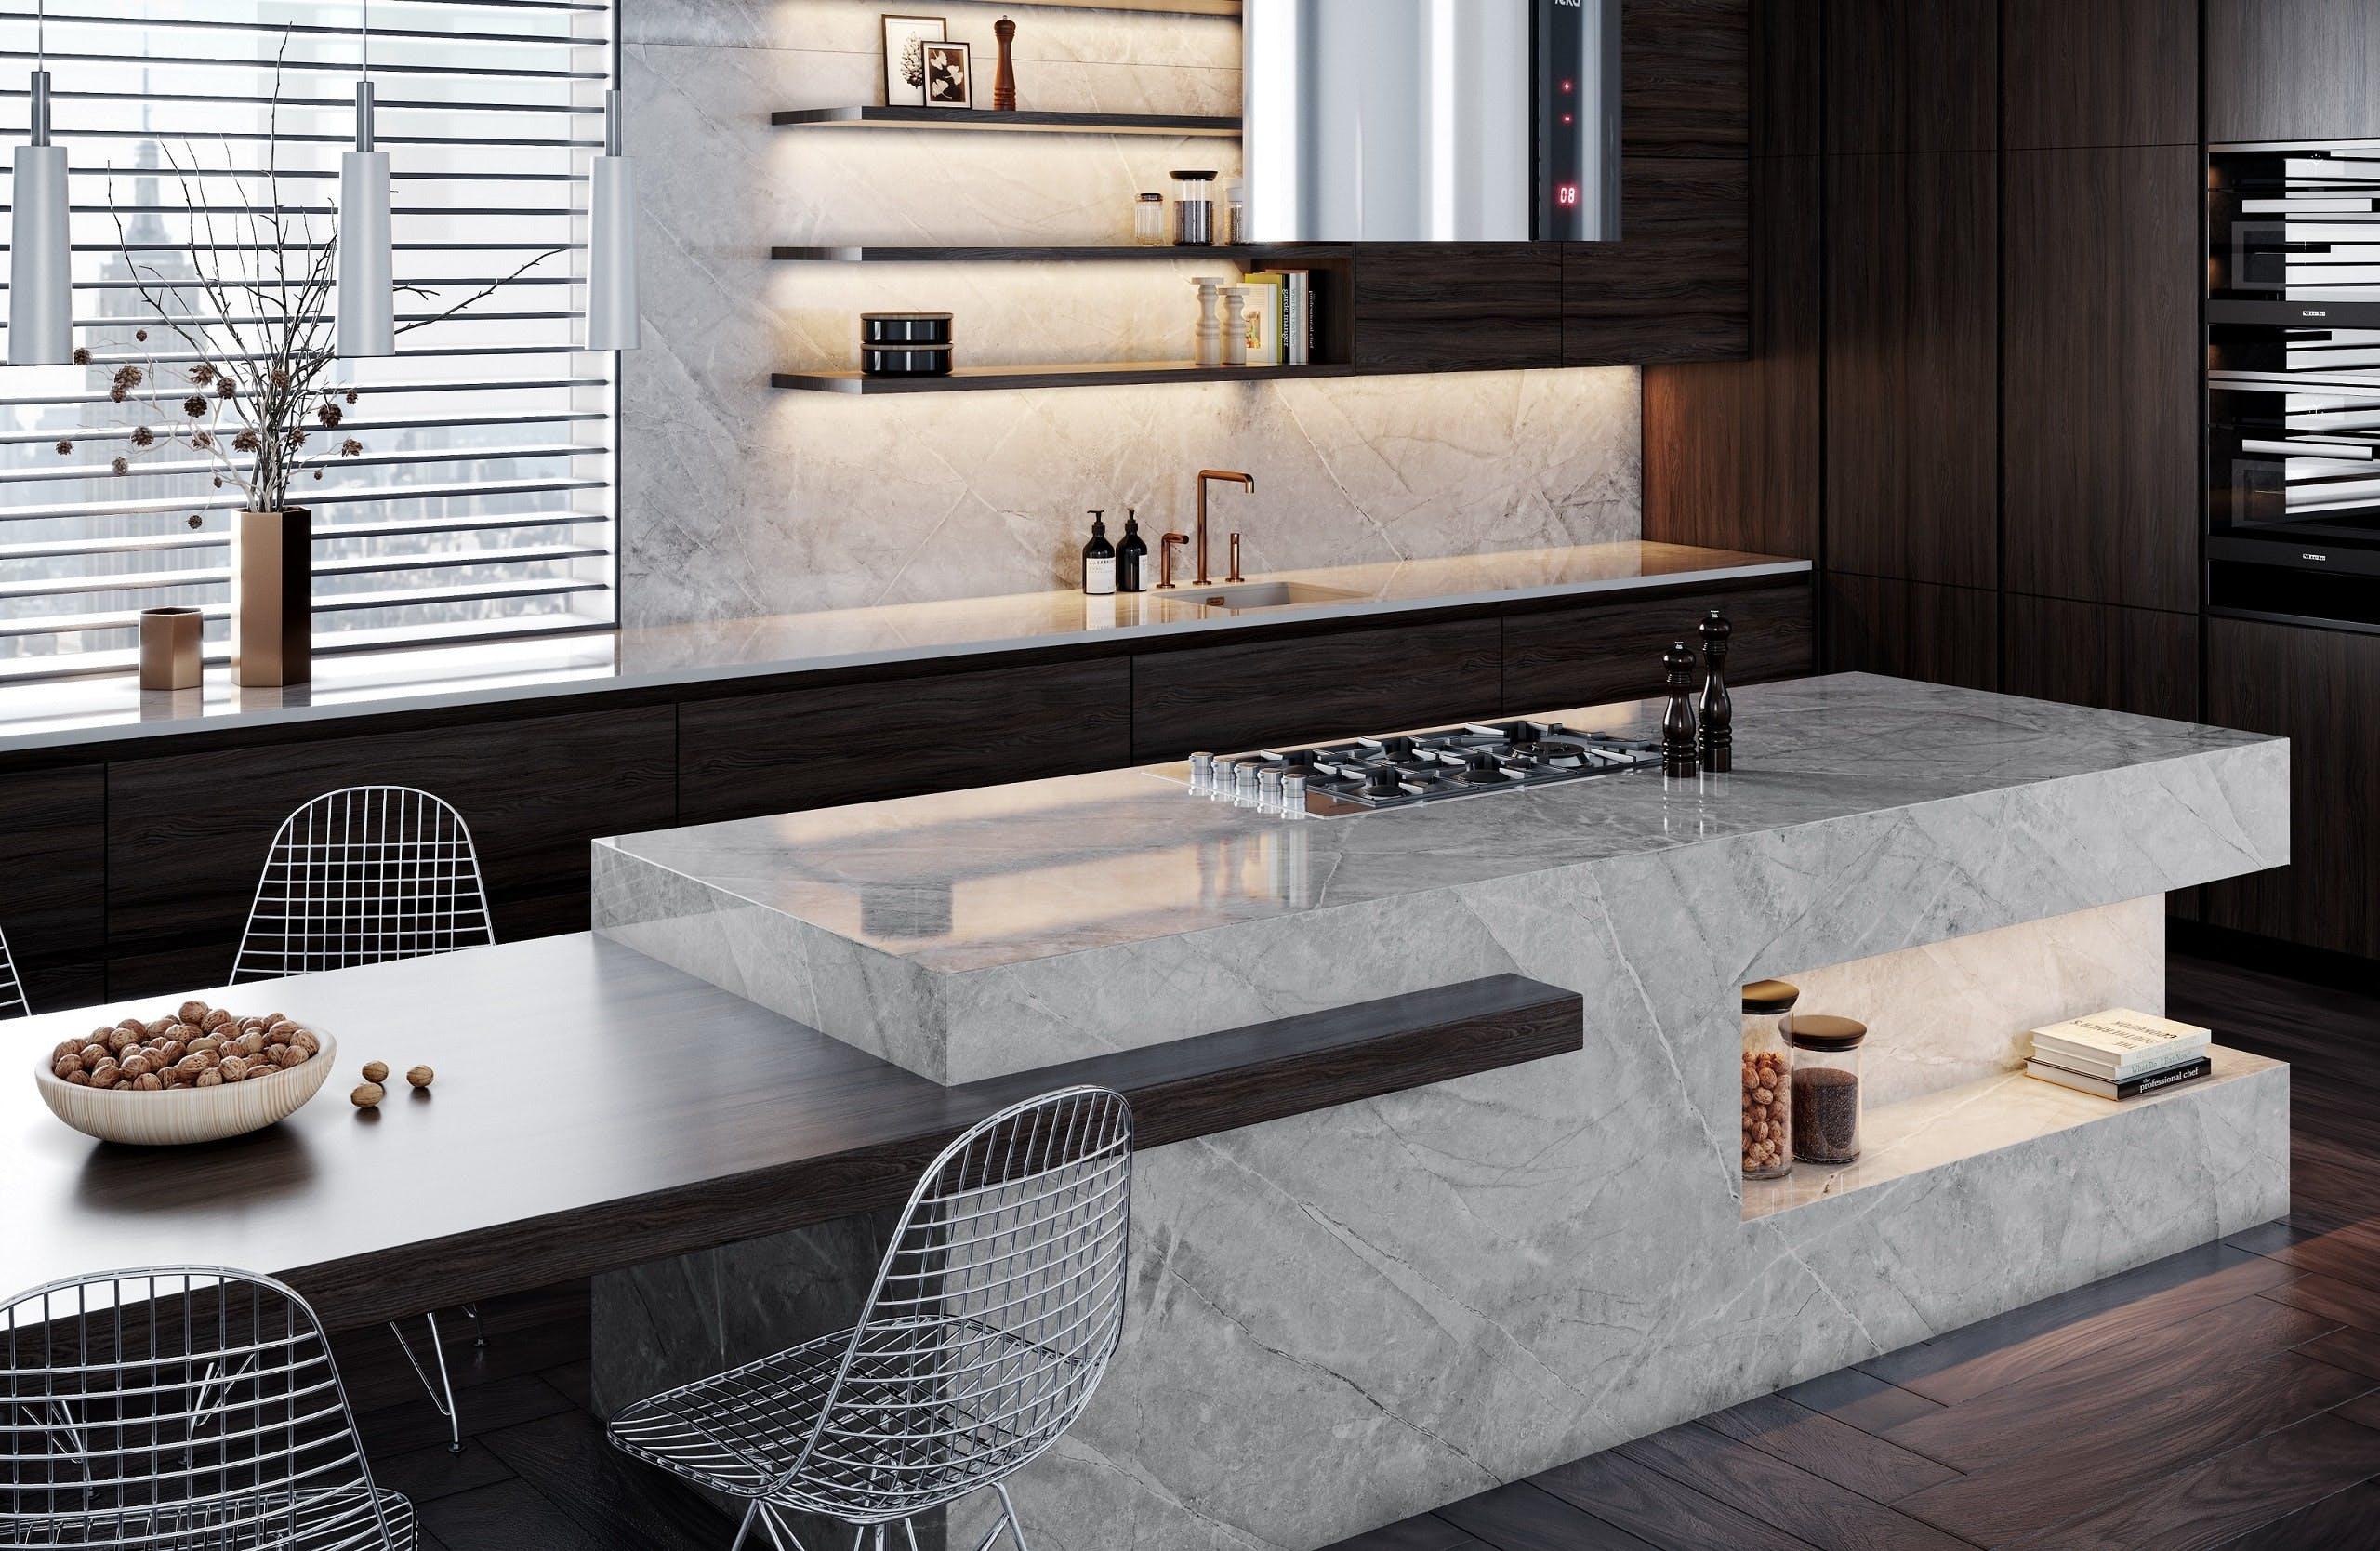 Image of Dekton Stonika Koleksiyonu Sogne 4 2 1 in The Top 7 Kitchen Makeover Trends - Cosentino